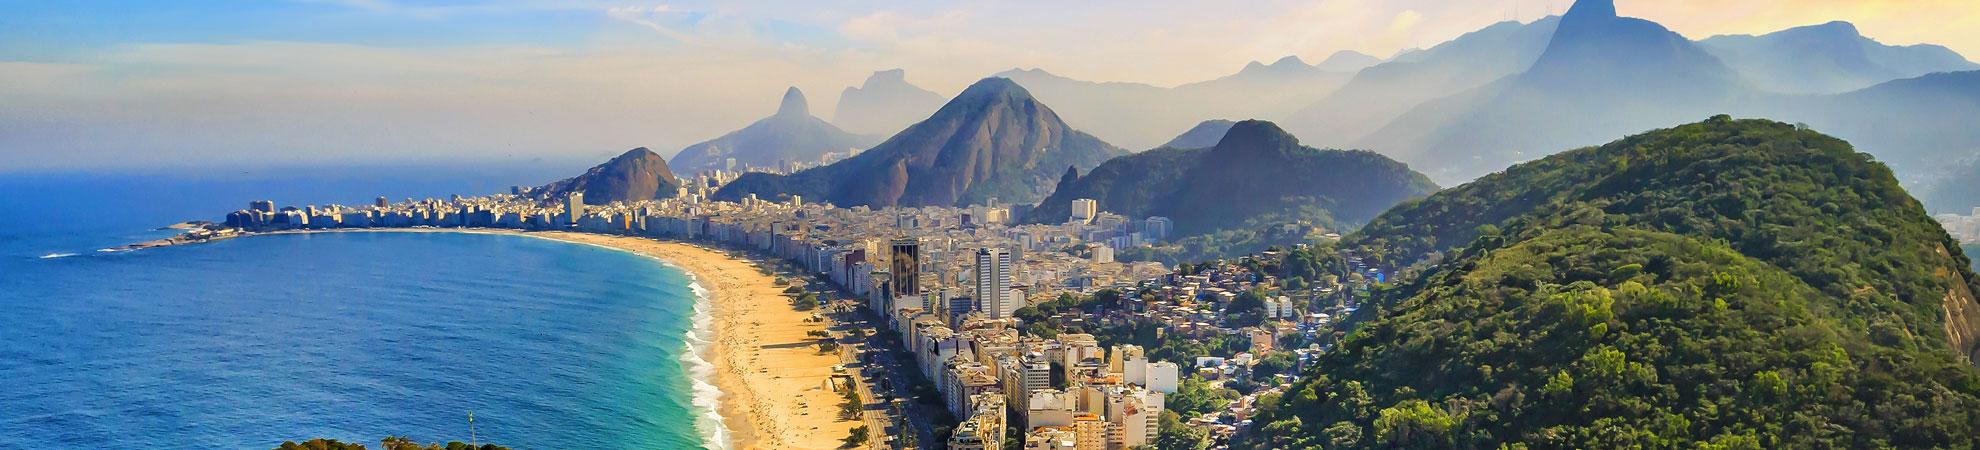 Pendant votre séjour au Brésil